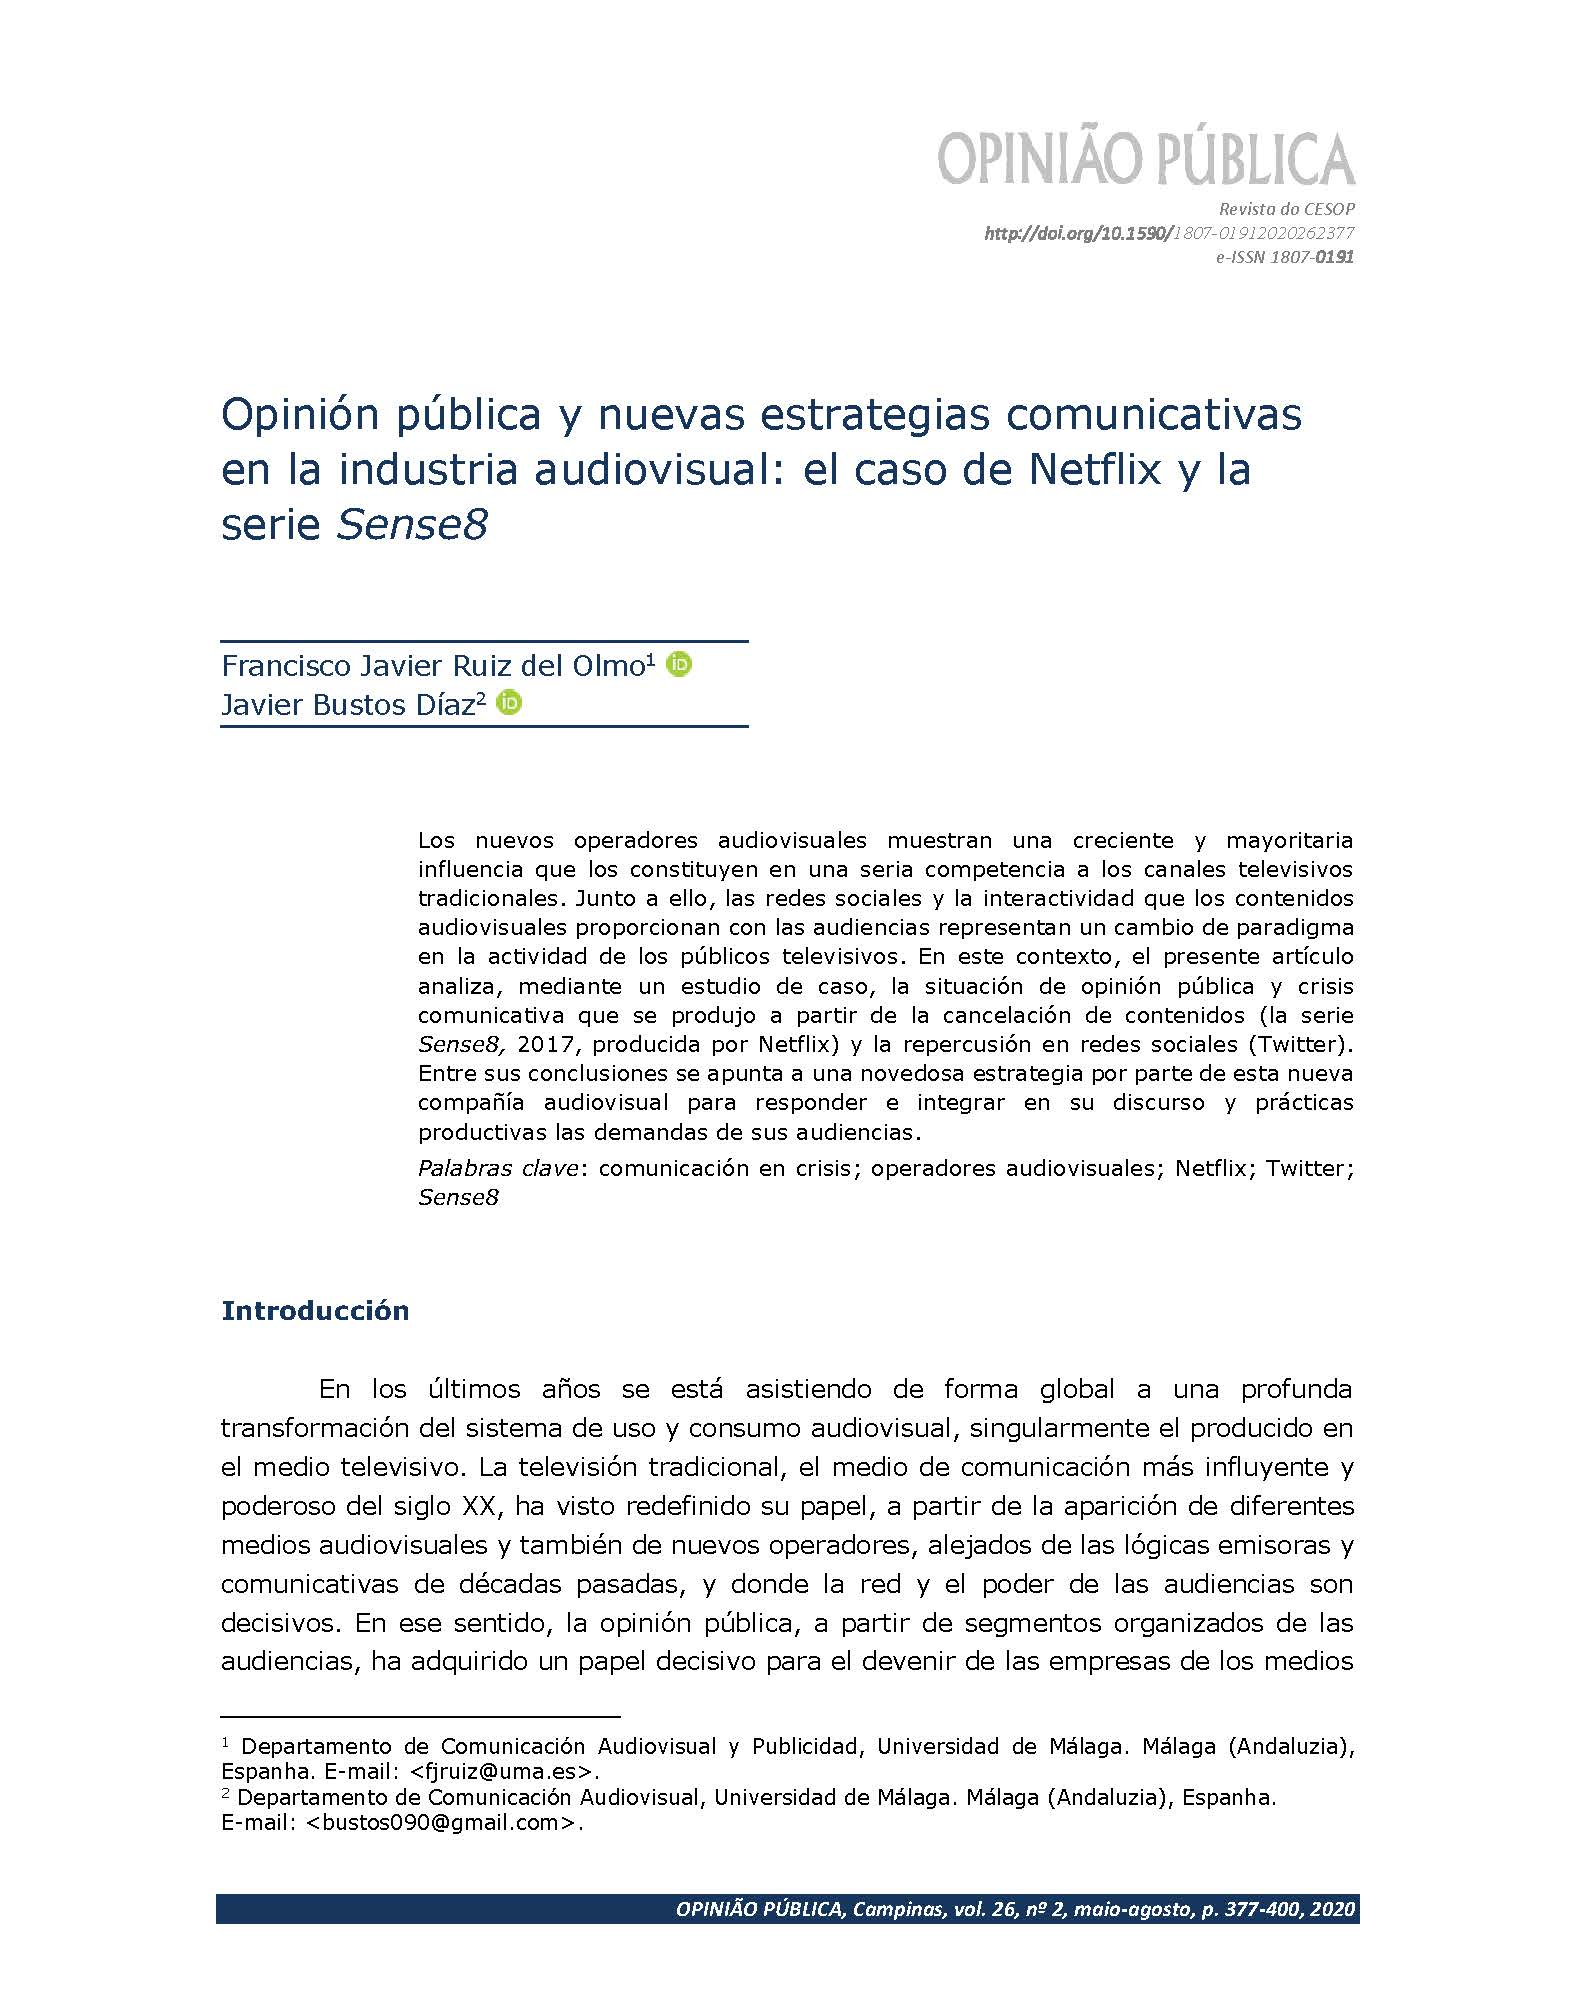 Opinión pública y nuevas estrategias comunicativas en la industria audiovisual el caso de Netflix y la serie Sense8